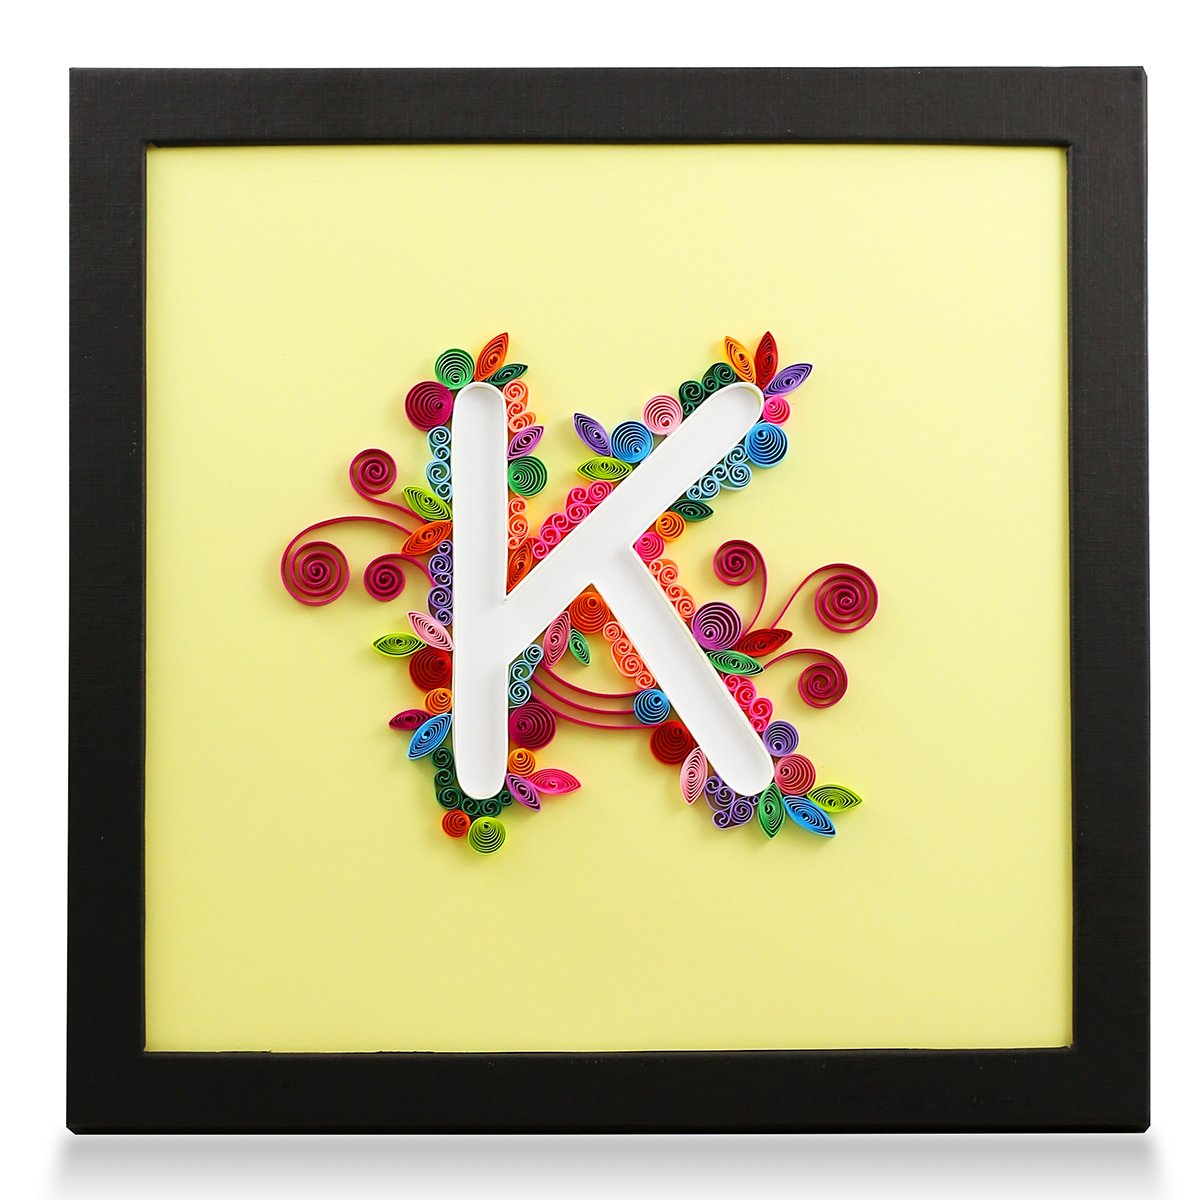 Amazon.com: Letter K Handmade Paper Quilling Artwork, Framed 3D Wall ...